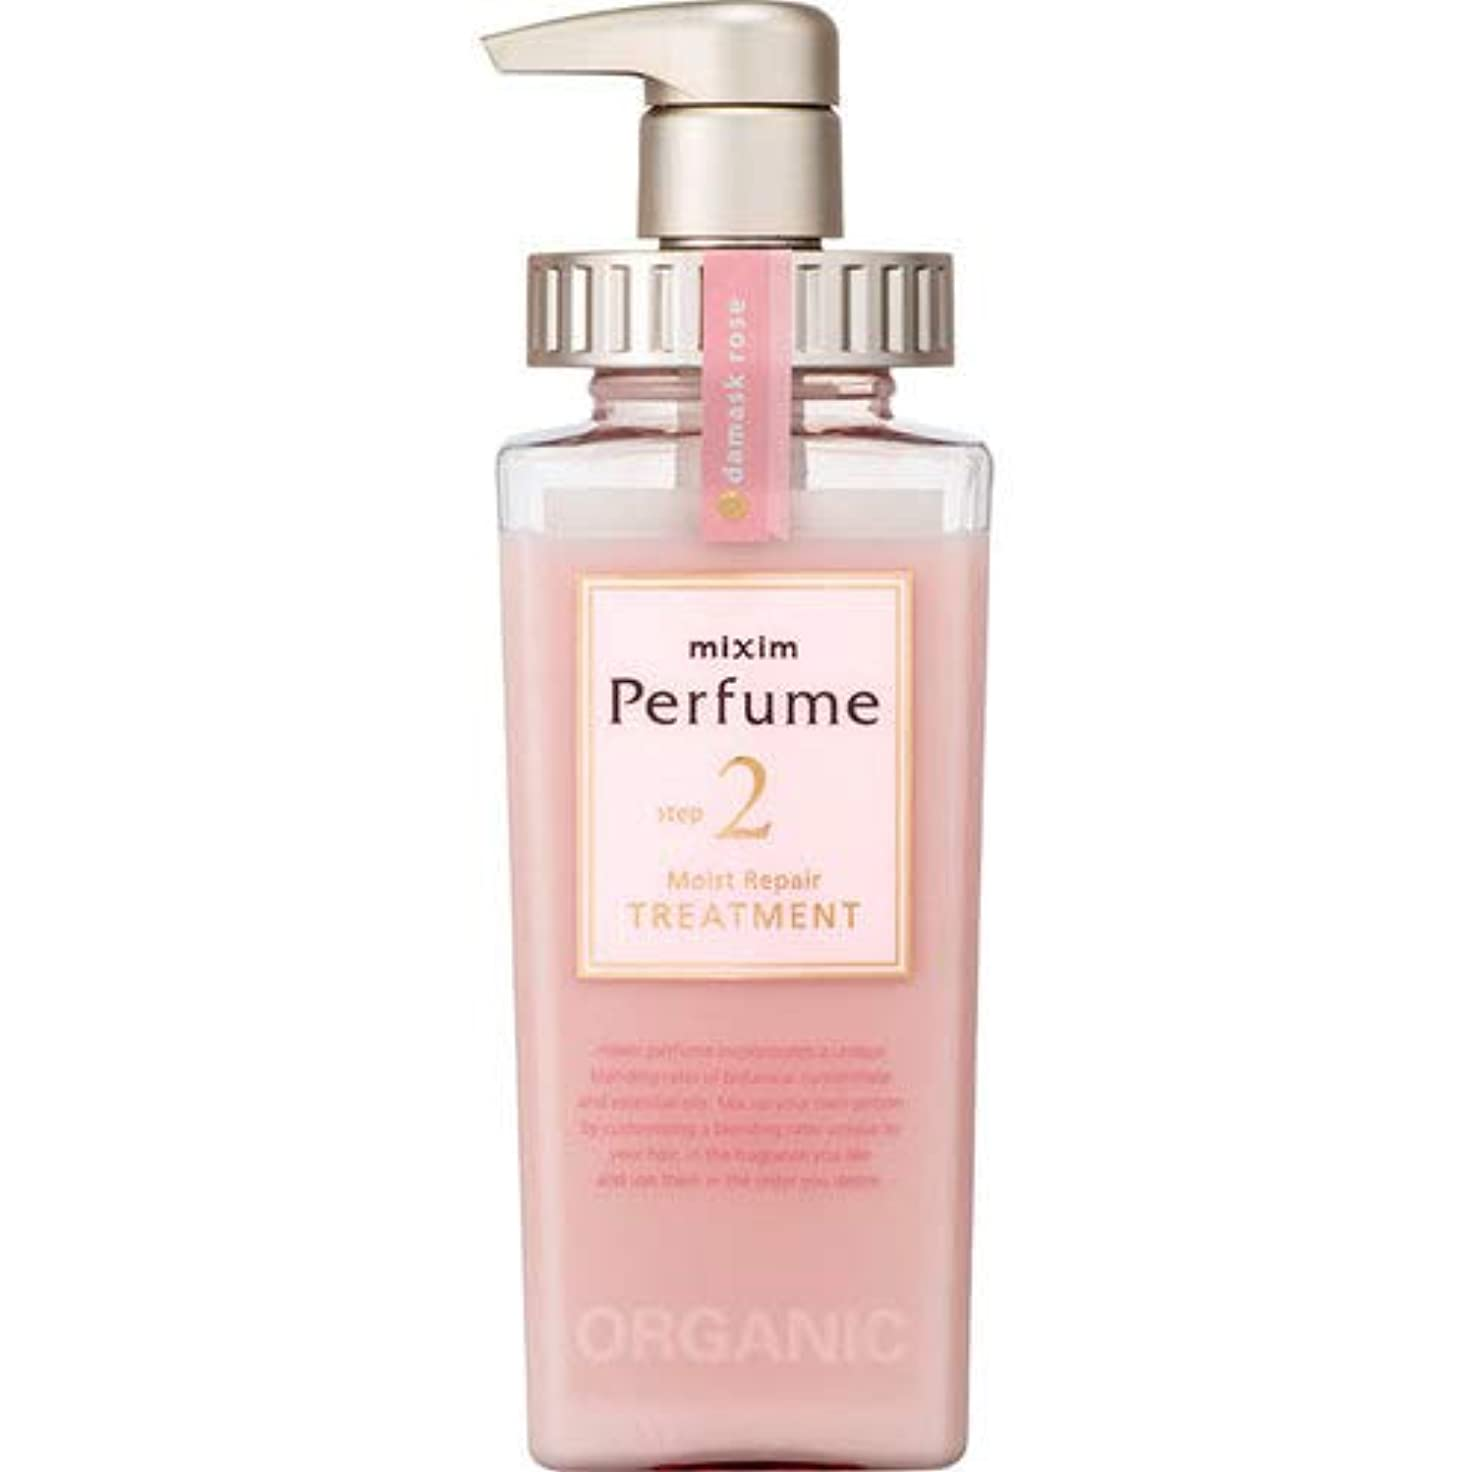 債務中性失望させるmixim Perfume(ミクシムパフューム) モイストリペア ヘアトリートメント 440g